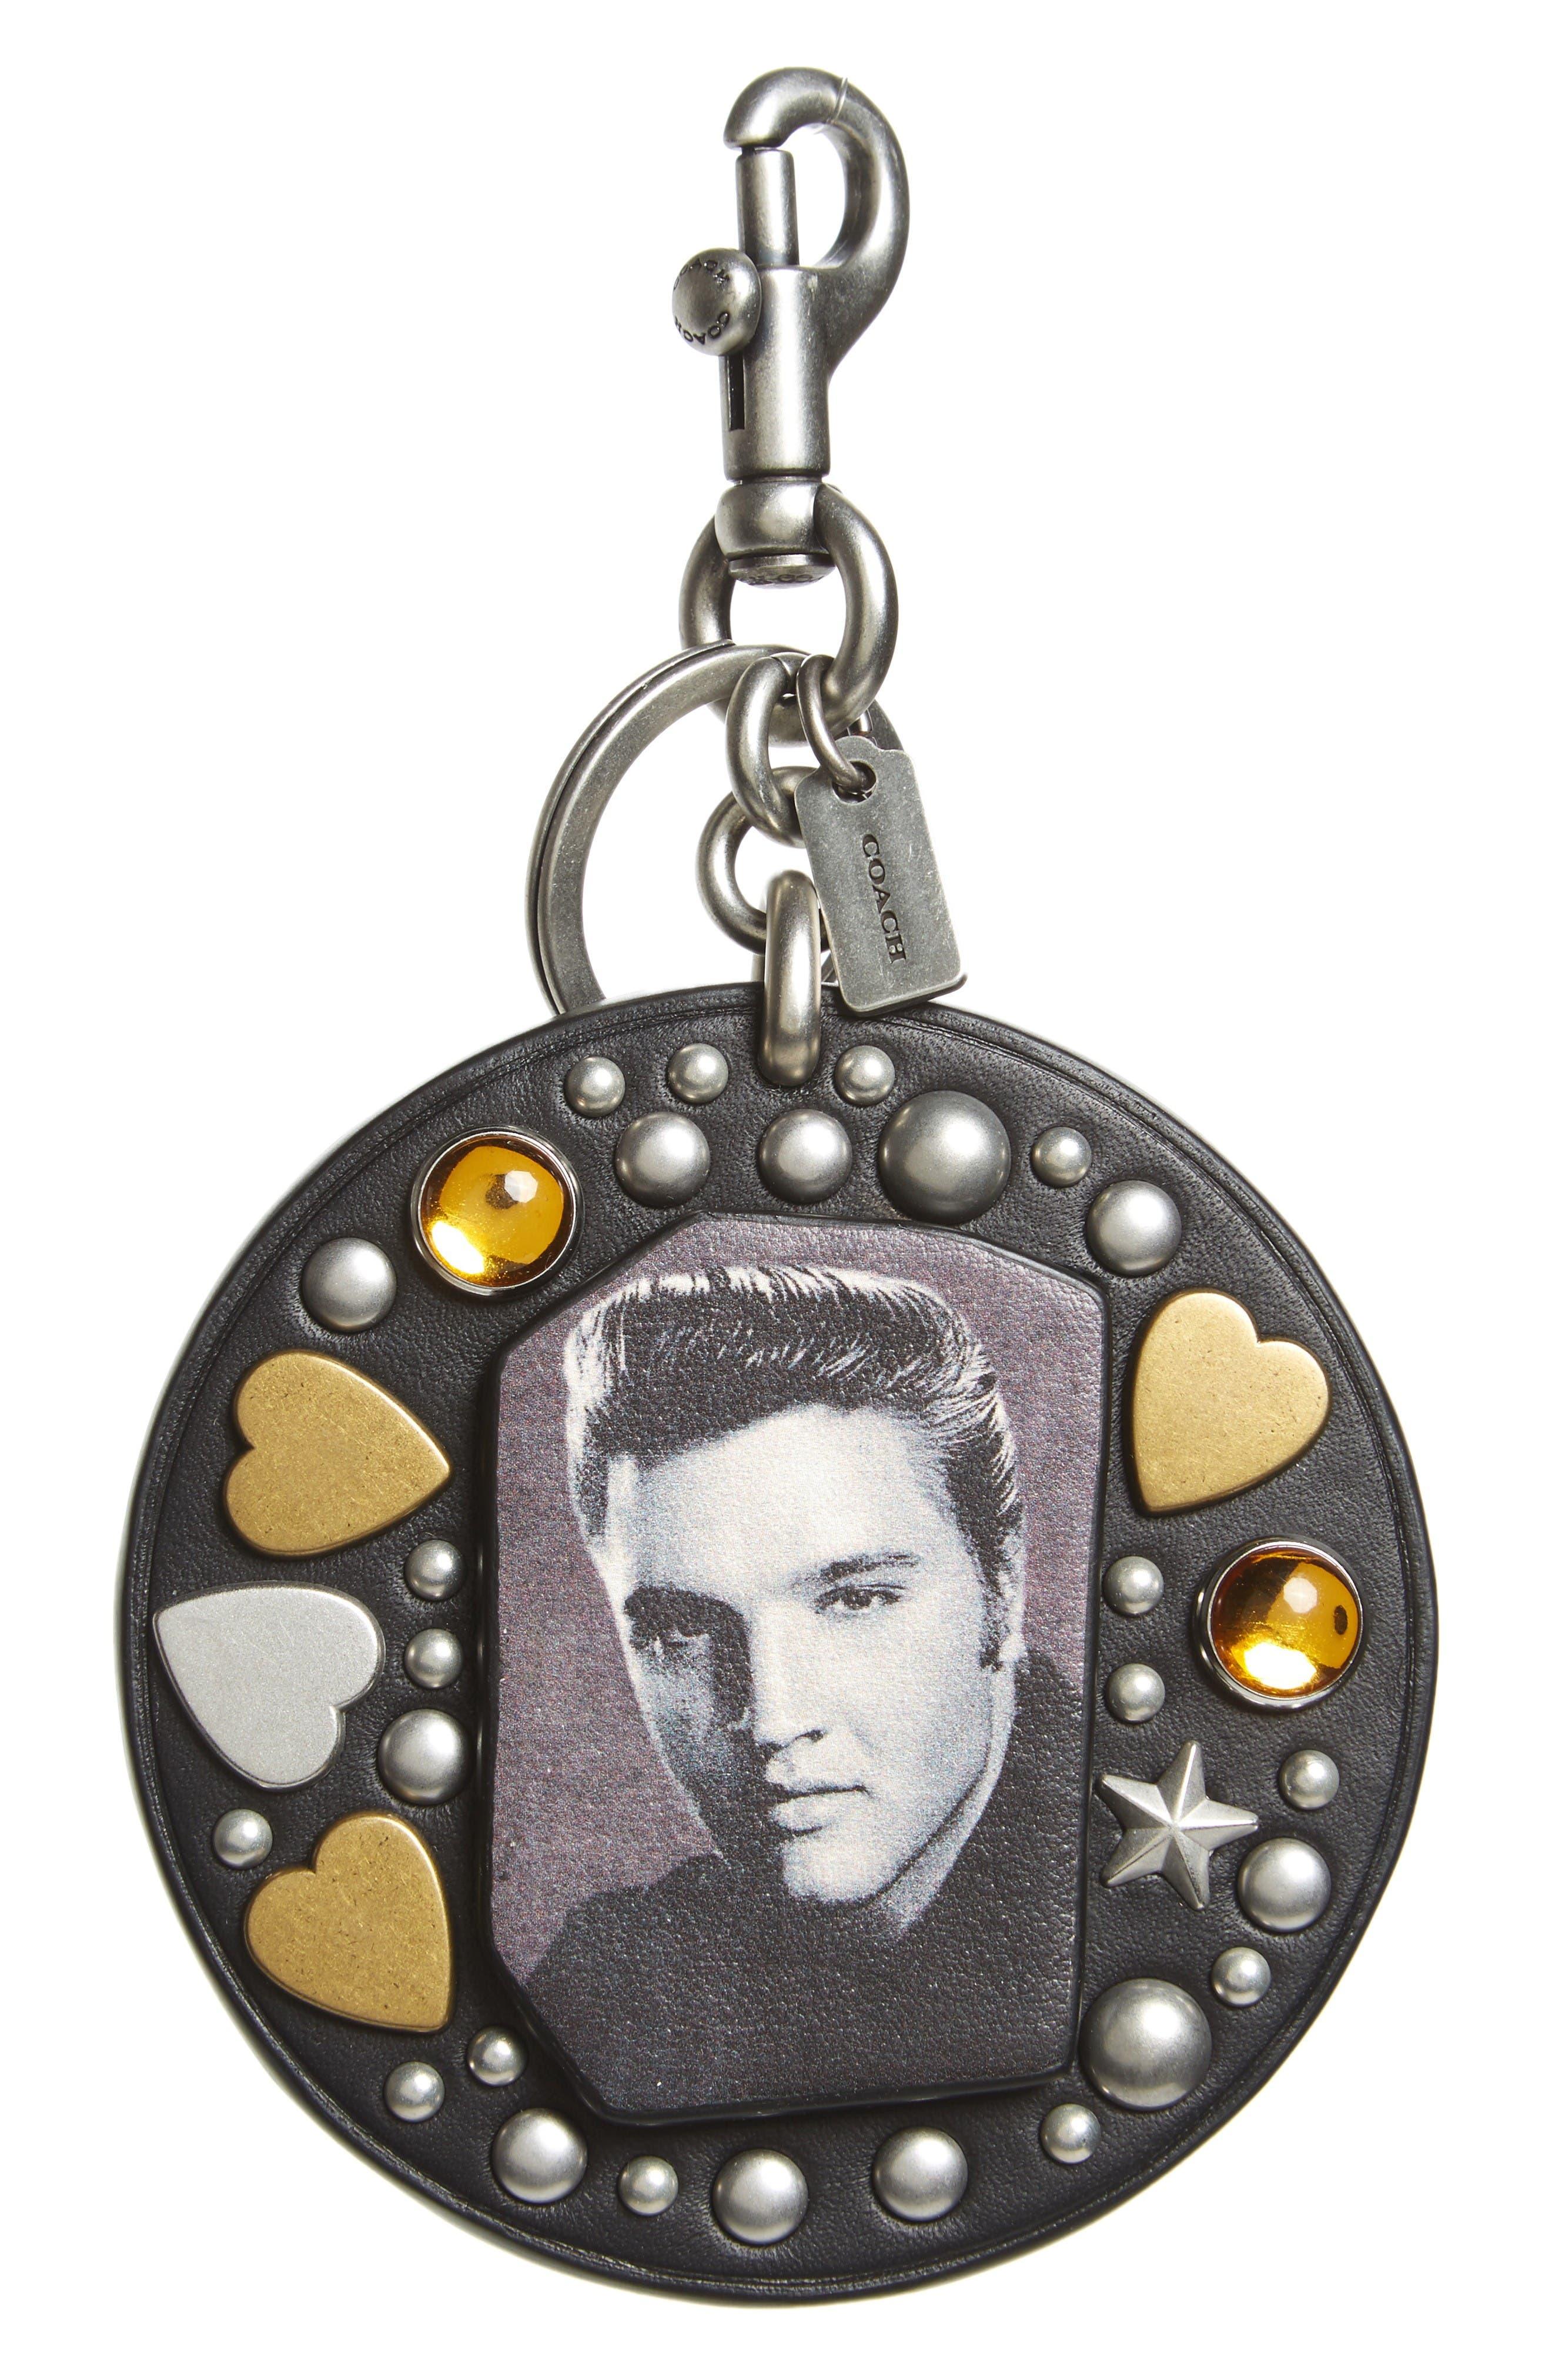 COACH 1941 Studded Elvis Bag Charm